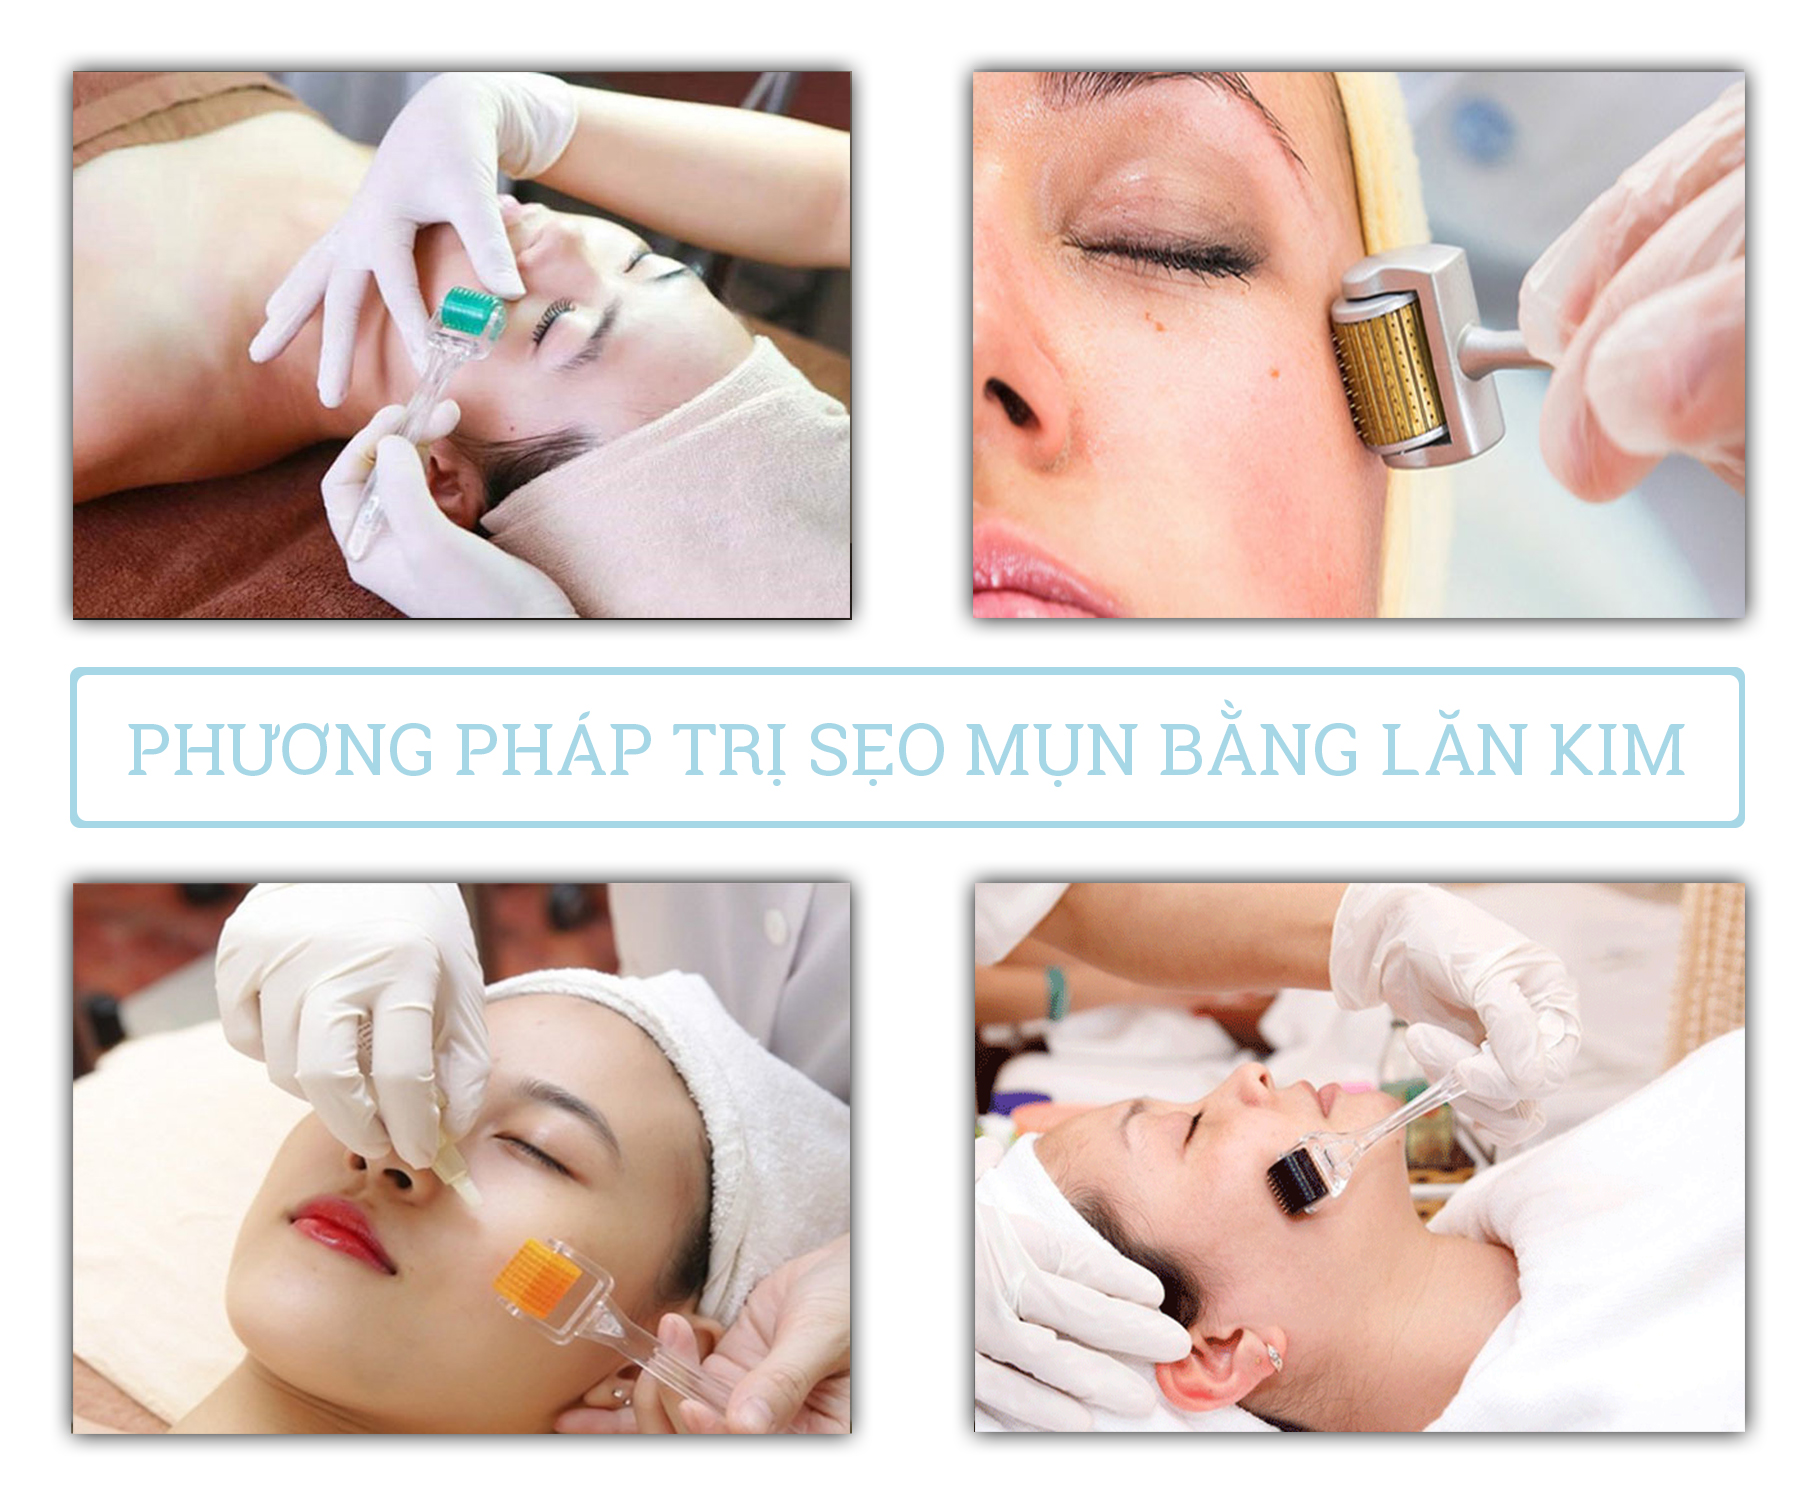 Phương pháp trị sẹo mụn bằng lăn kim